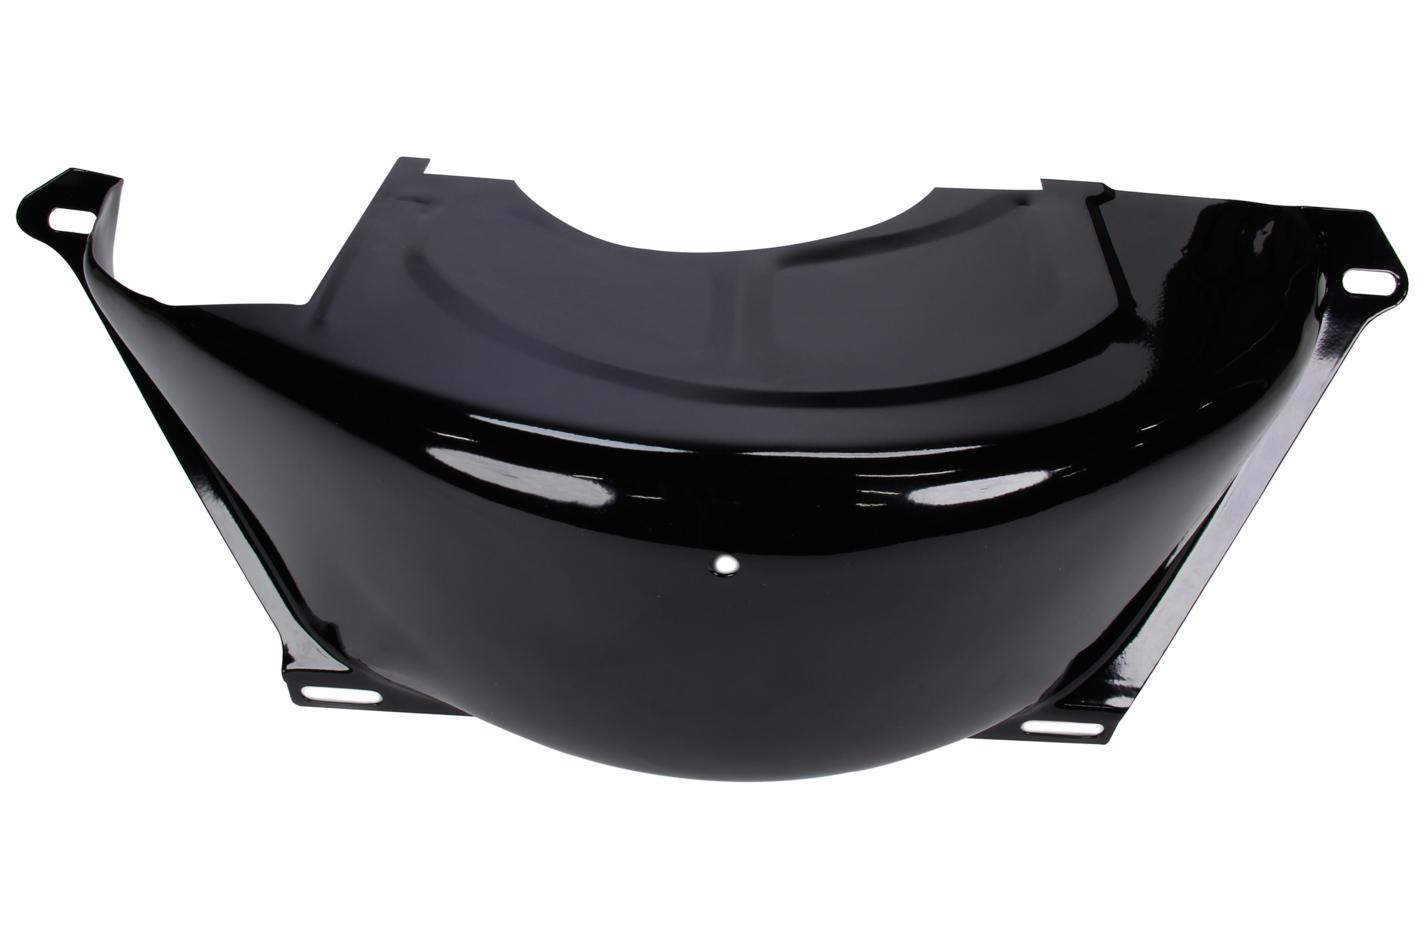 GM 700R4 Flywheel Dust Cover- Black